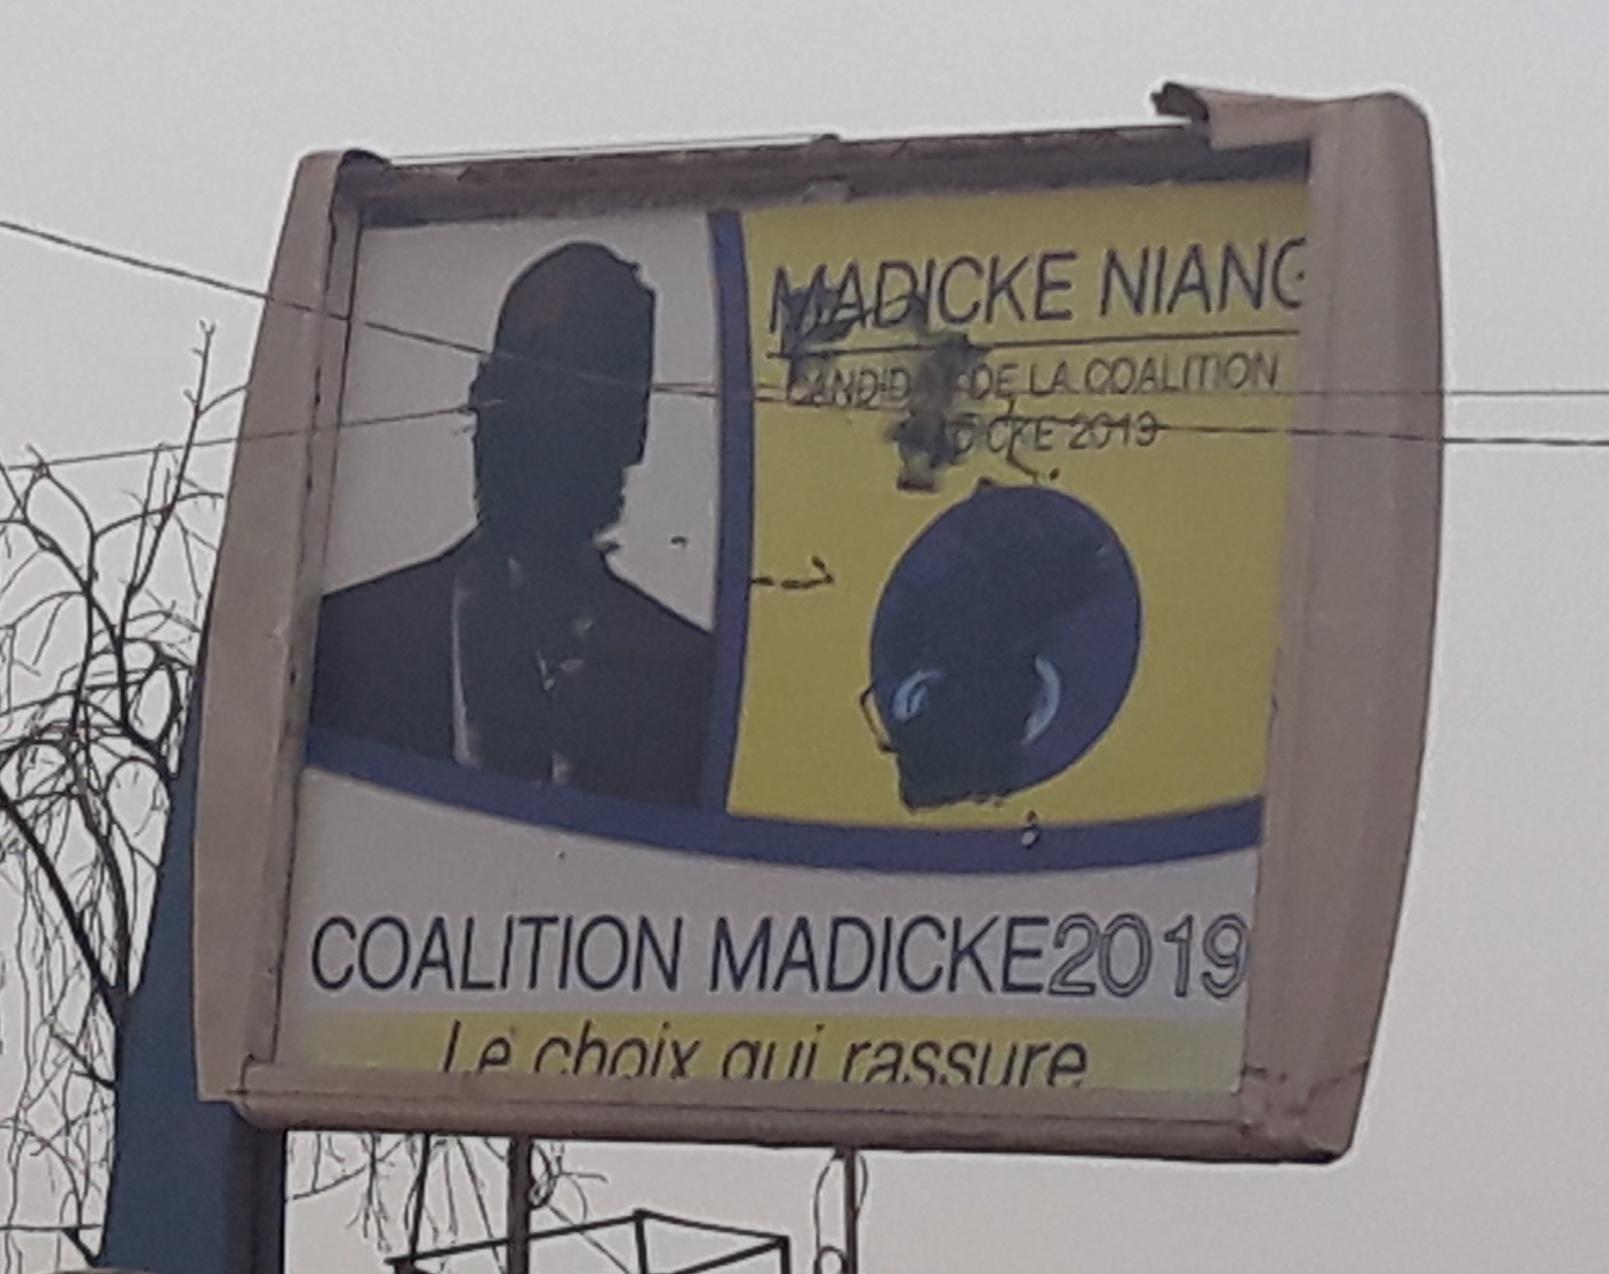 Une des rares affiches de Madické Niang sur la rue longeant les Parcelles Assainies Unité 25 et Grand Médine a été vandalisée